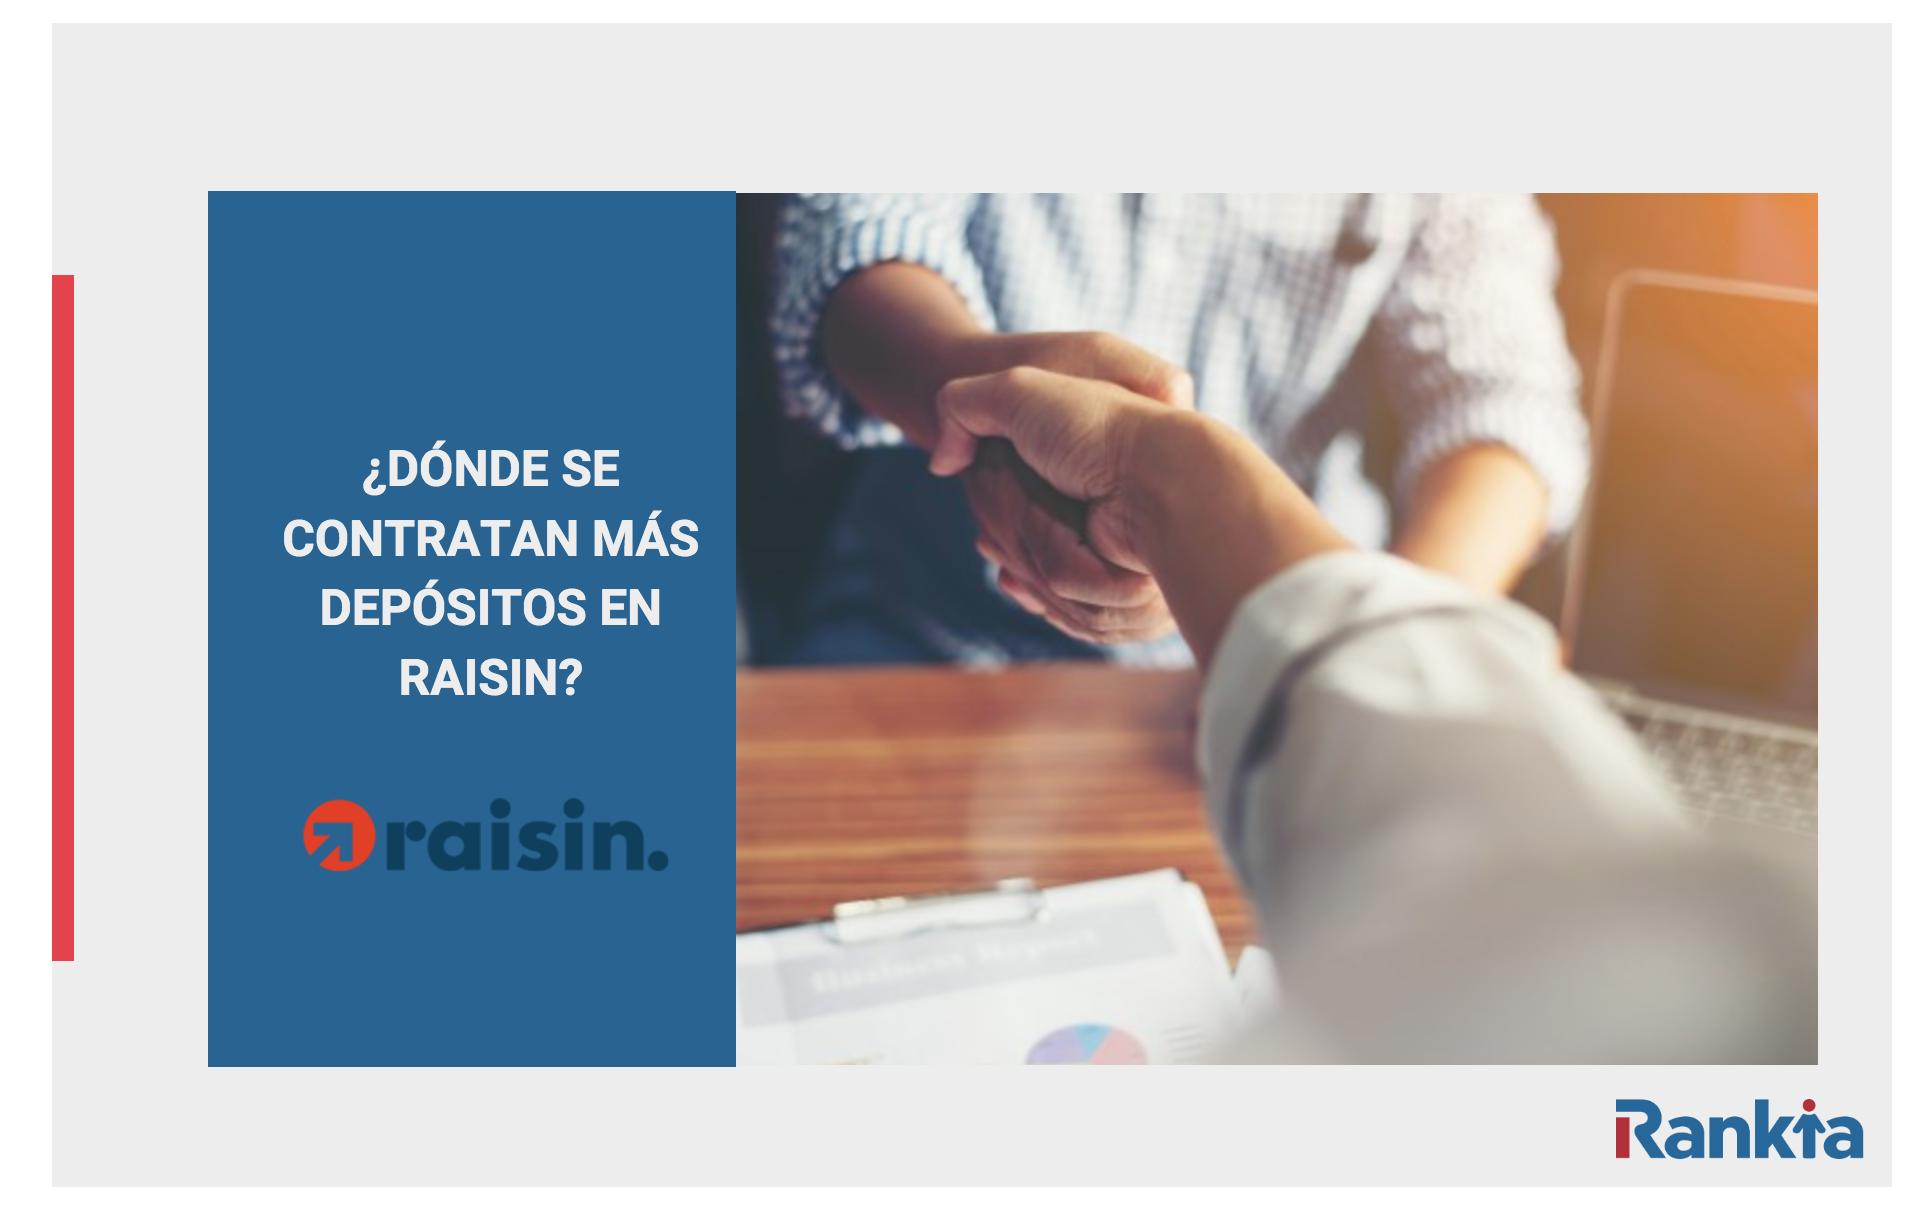 ¿Qué depósitos se contratan más en Raisin?